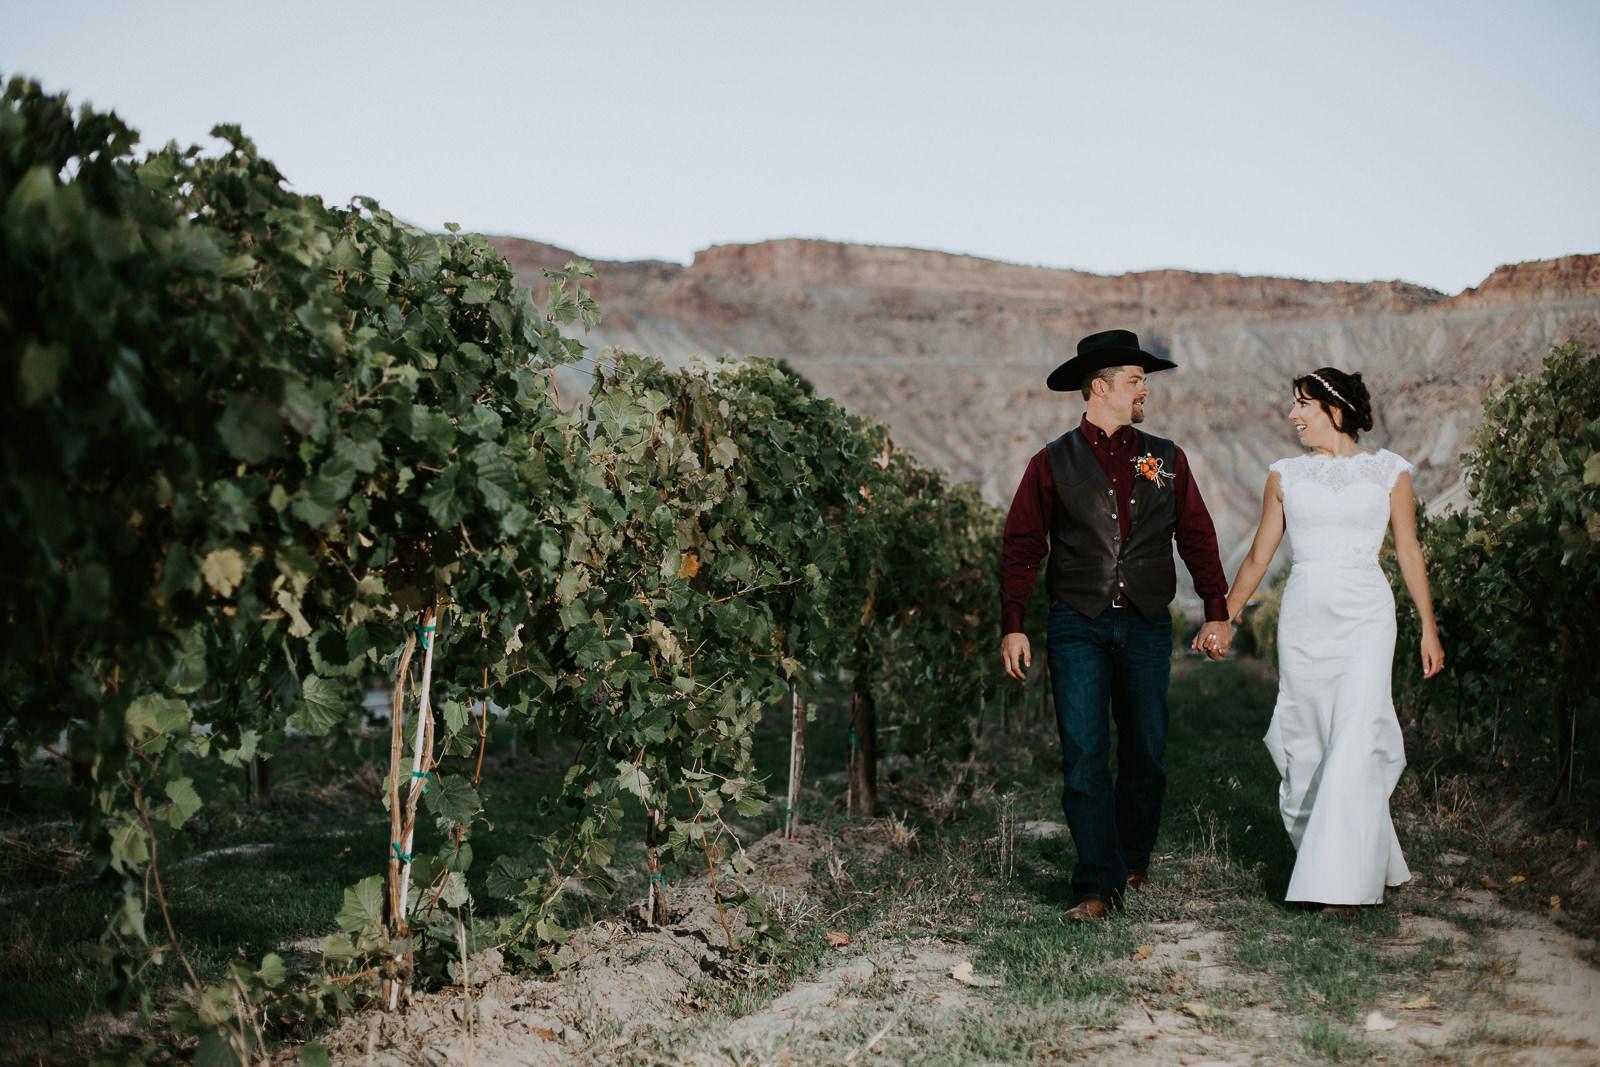 bride groom portrait wedding Palisade Colorado Mount Garfield bookcliffs vineyard